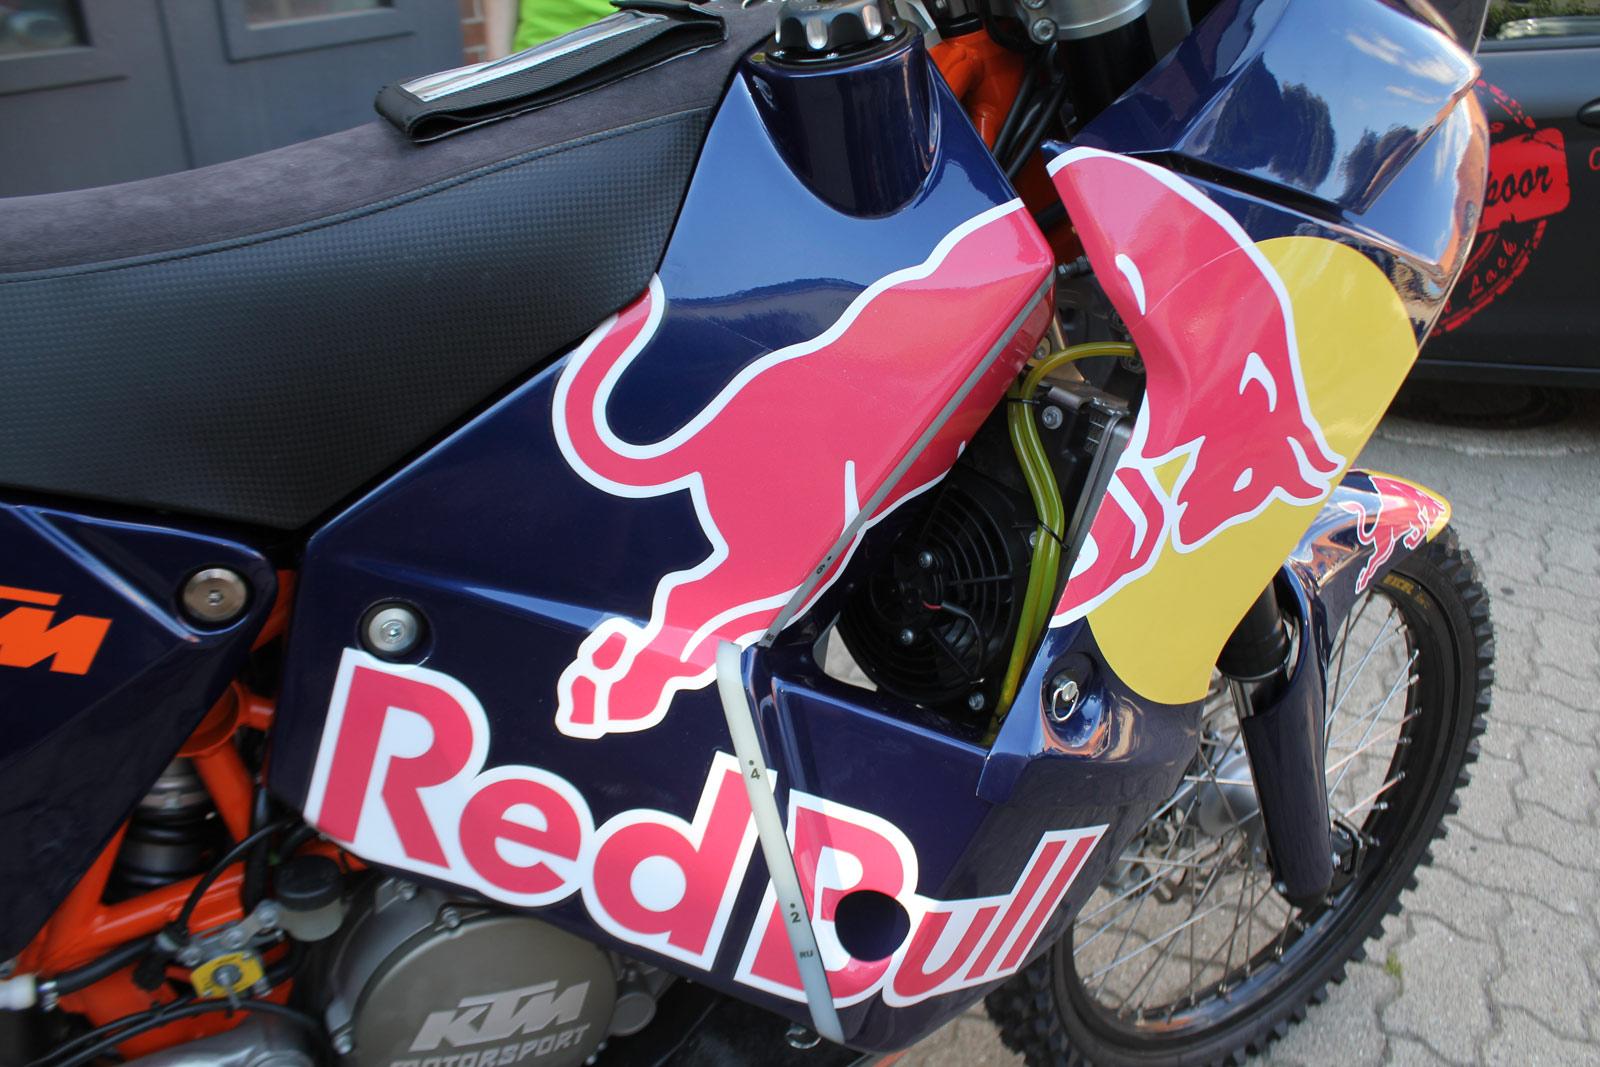 REDBULL_KTM_MOTORRAD_FOLIERUNG_26